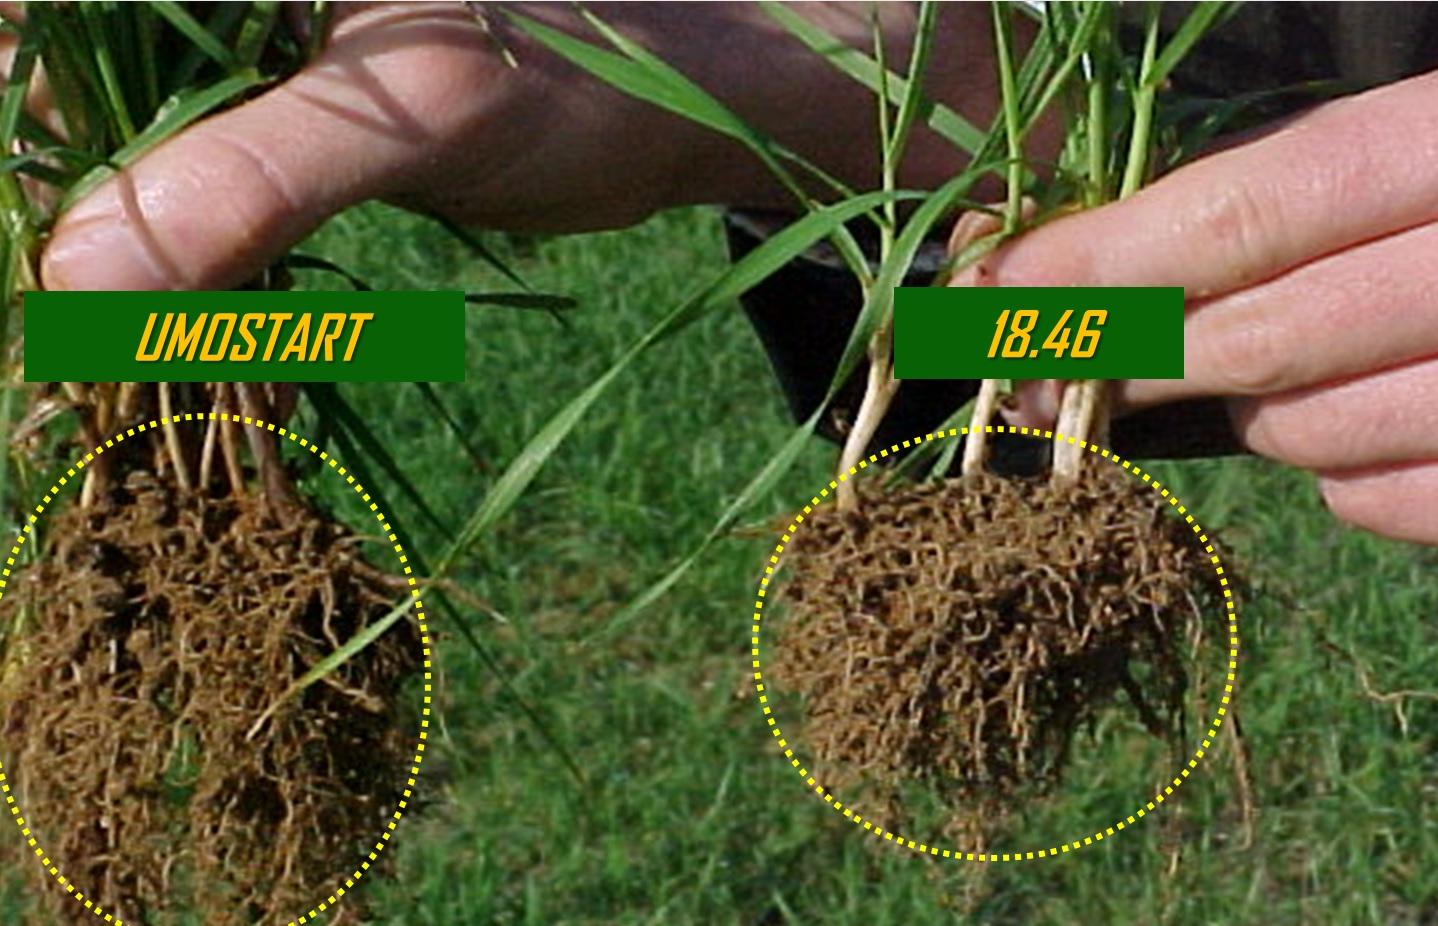 È molto evidente il maggiore sviluppo dell'apparato radicale della piantina alimentata con Umostart (a sinistra) rispetto alla pianta che ha ricevuto alla semina il concime classico 18.46 (a destra).